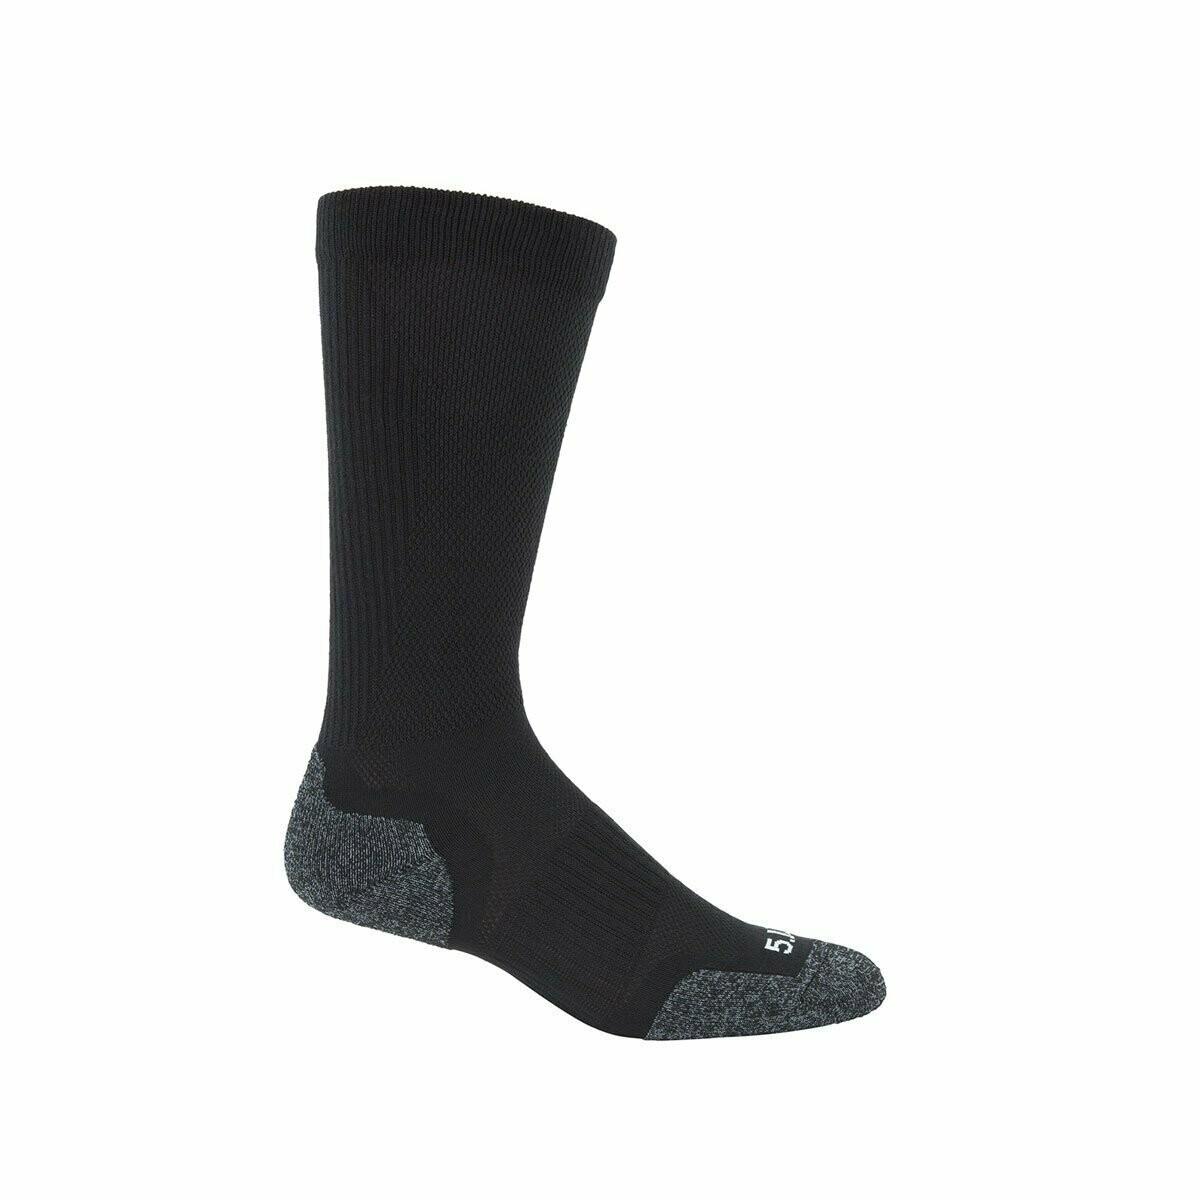 5.11 - Slip Stream OTC Sock